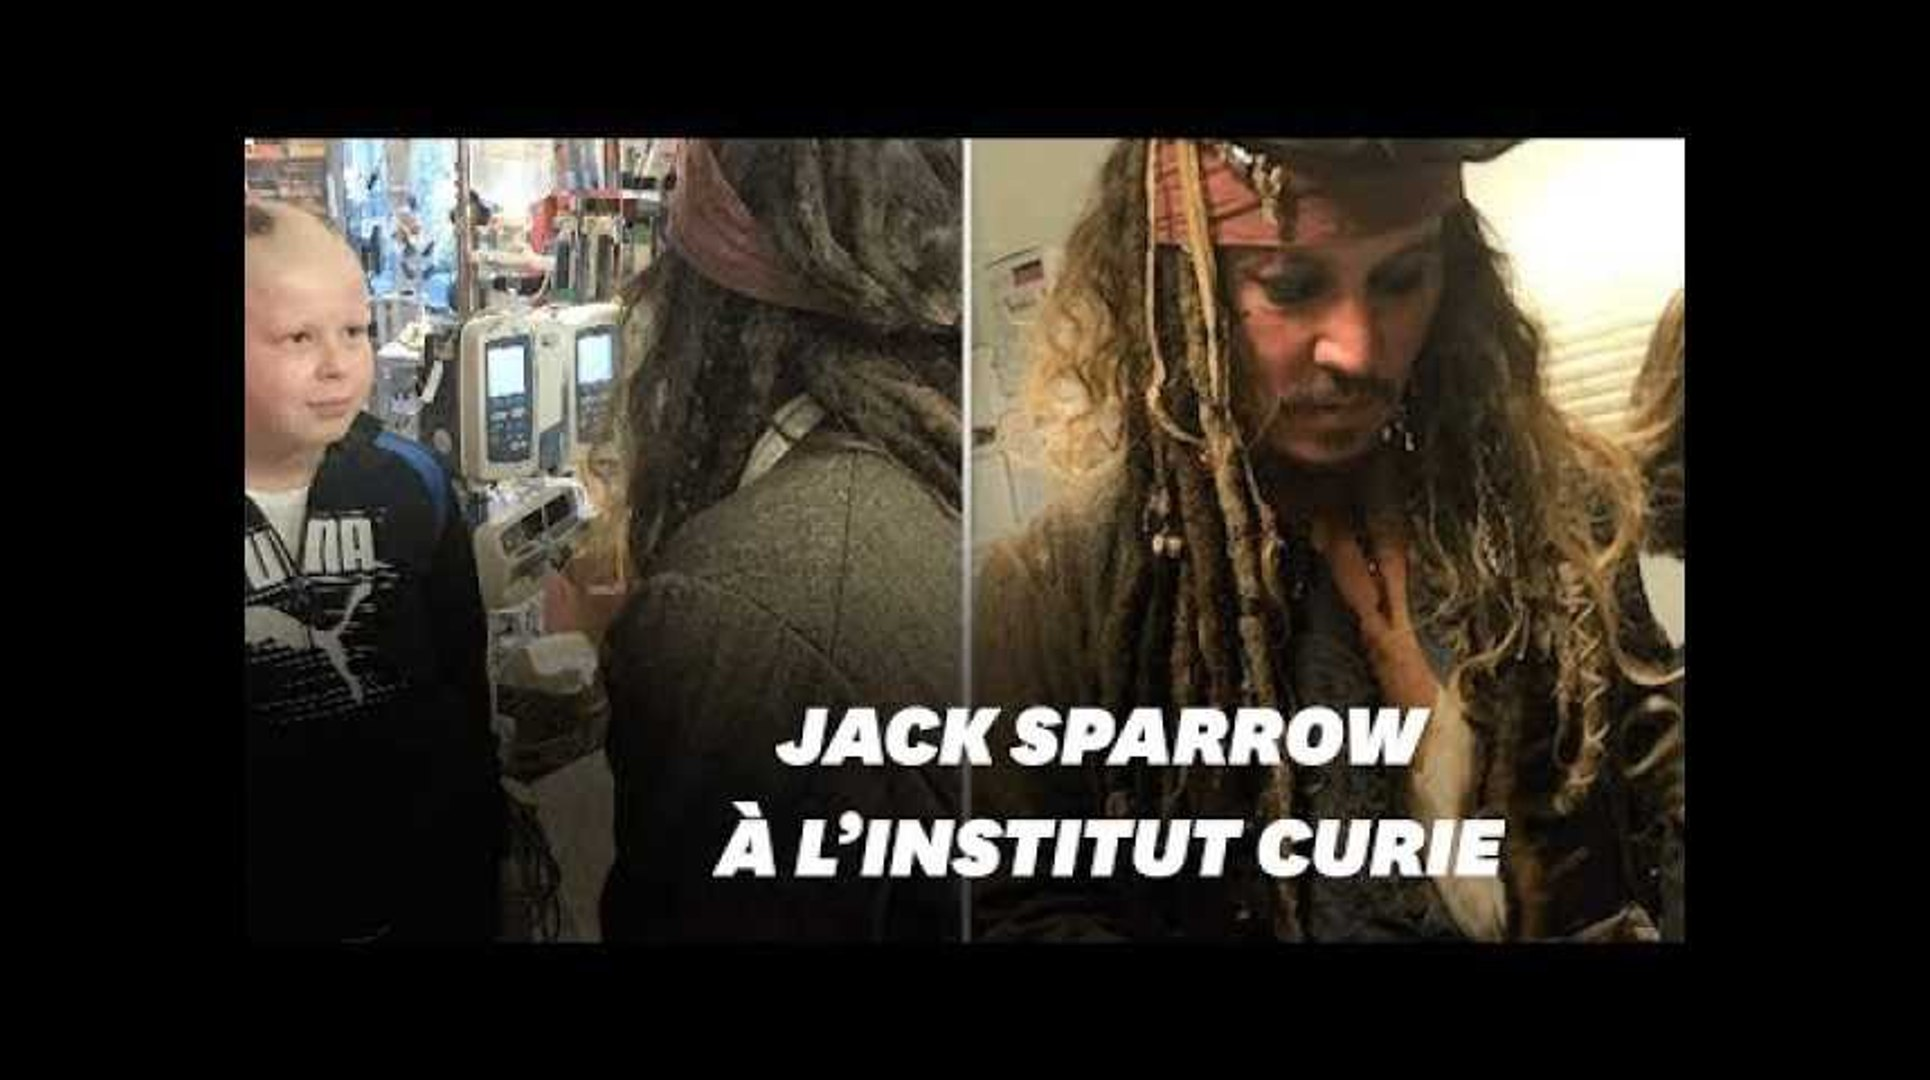 Déguisé en Jack Sparrow, Johnny Depp rend visite aux enfants malades à l'Institut Curie